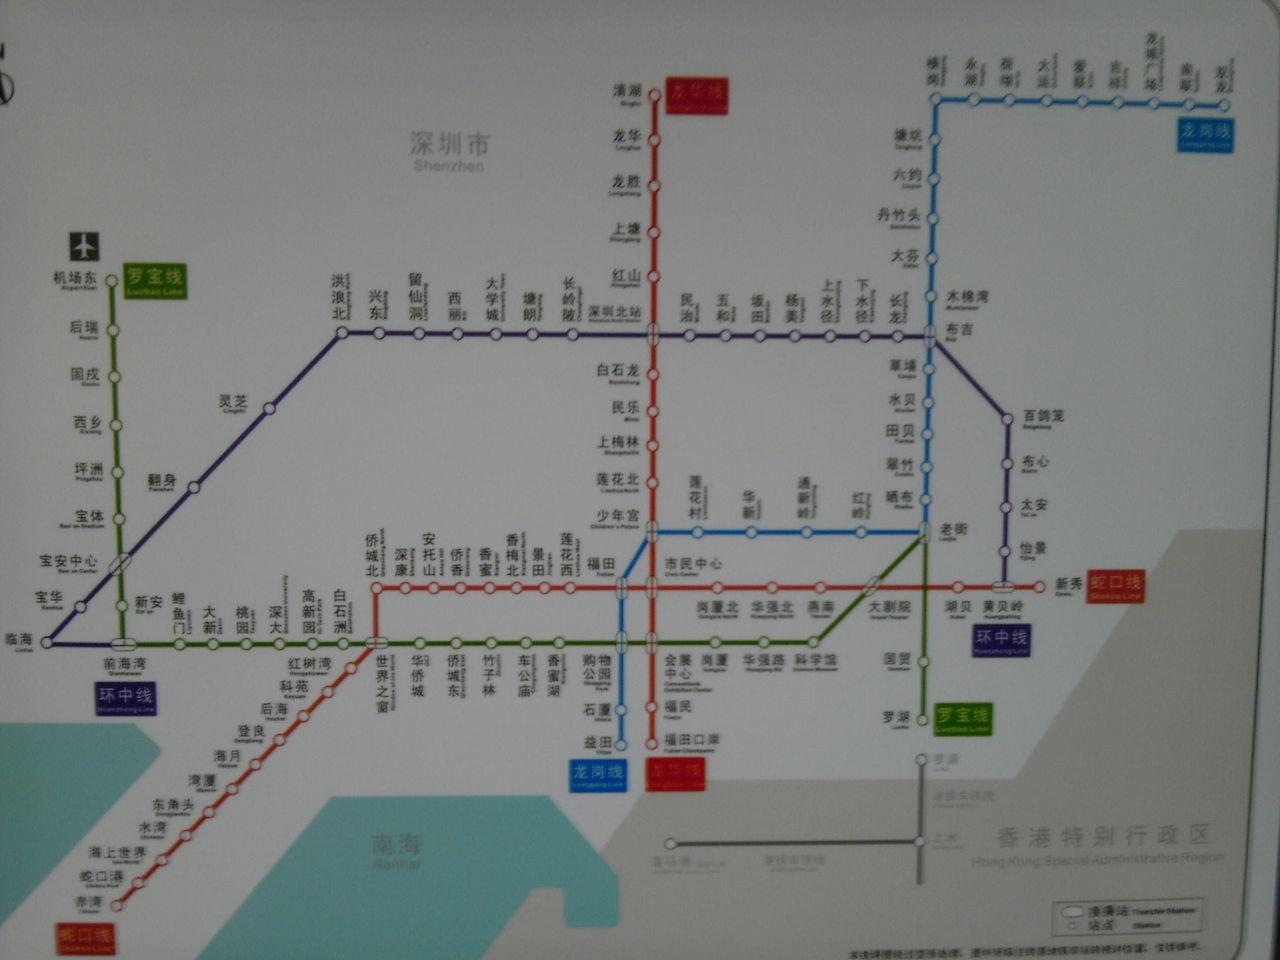 深圳地铁4号线线路图大全 南京地铁3号线线路图 地铁4号线时刻表图片